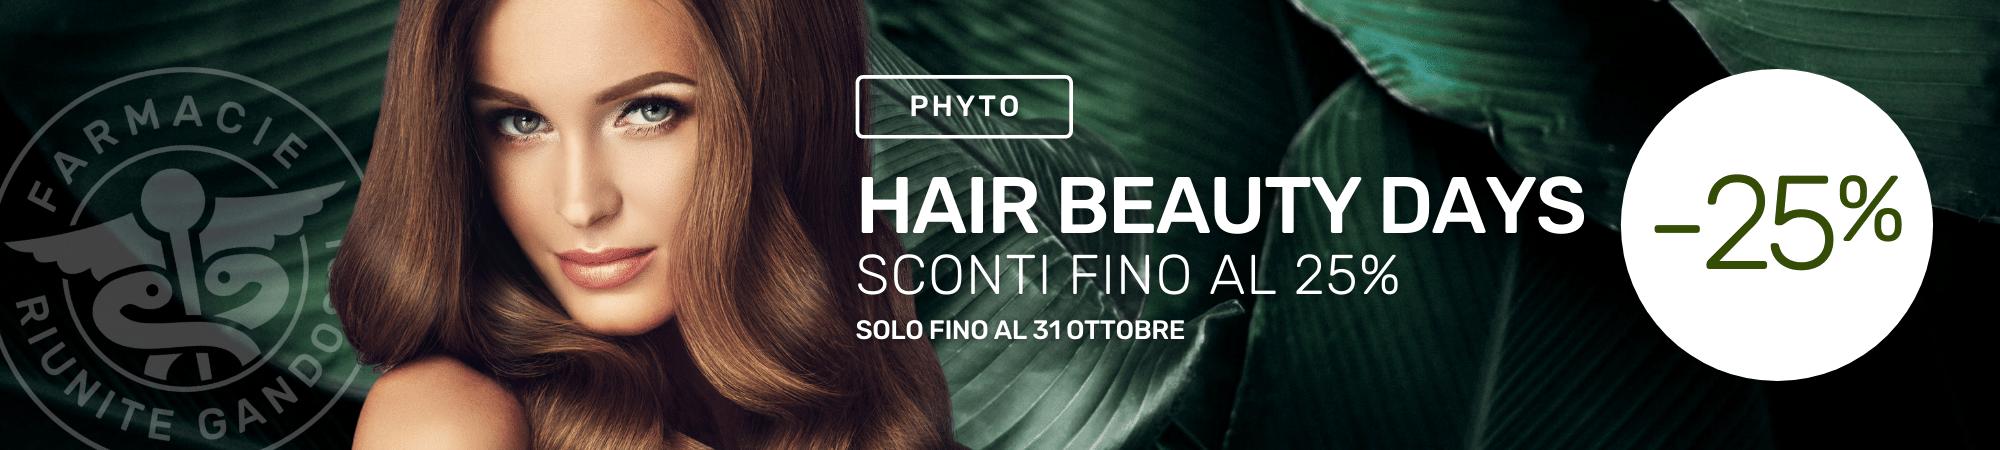 Prodotti Phyto in Sconto fino al 25%